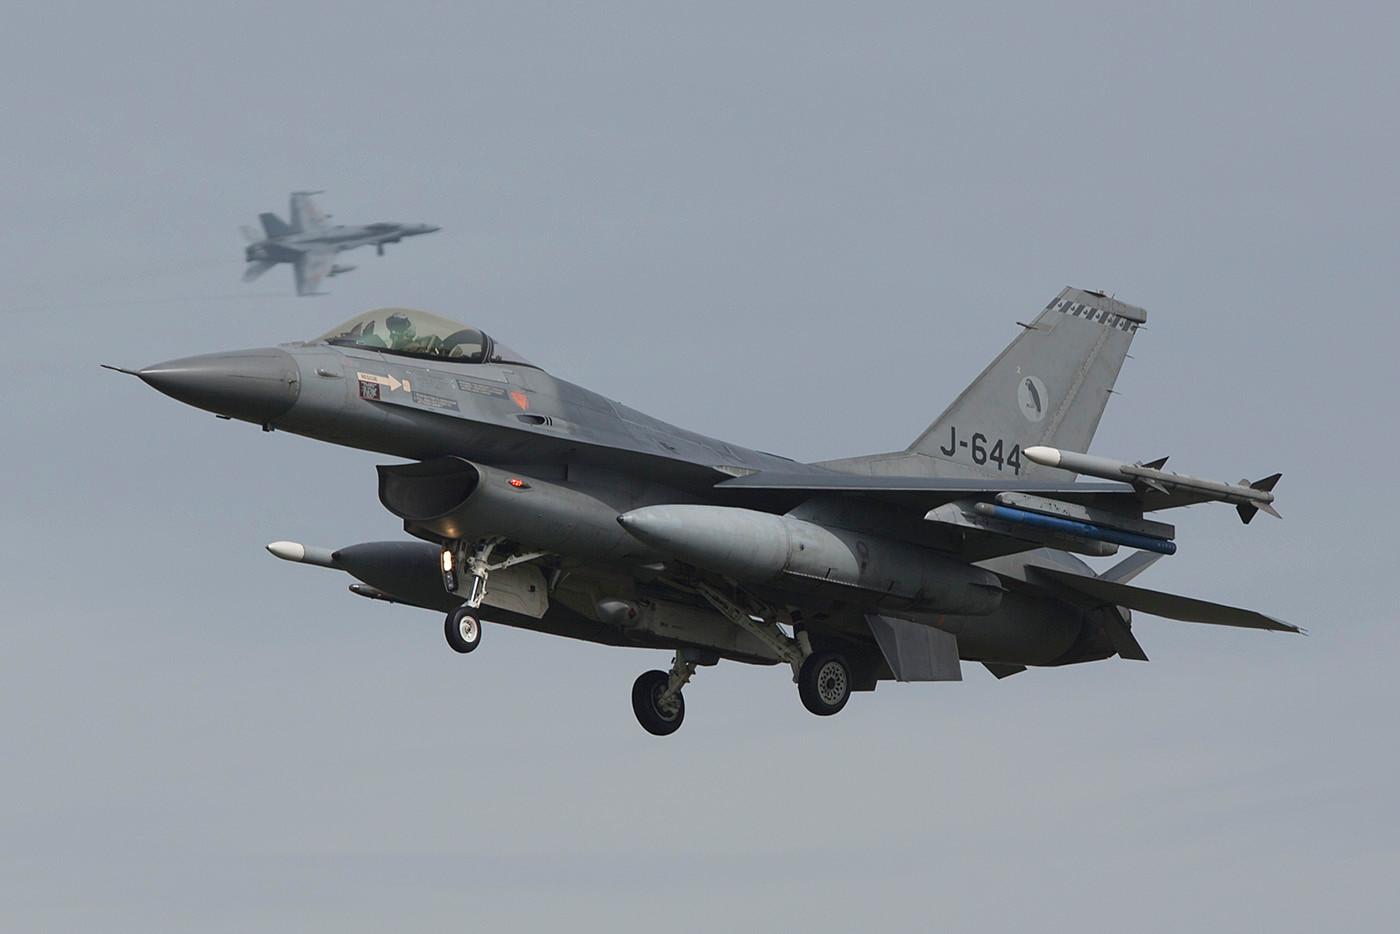 Hinter dieser F-16 dreht gerade eine F-18 aus Torrejon ein.